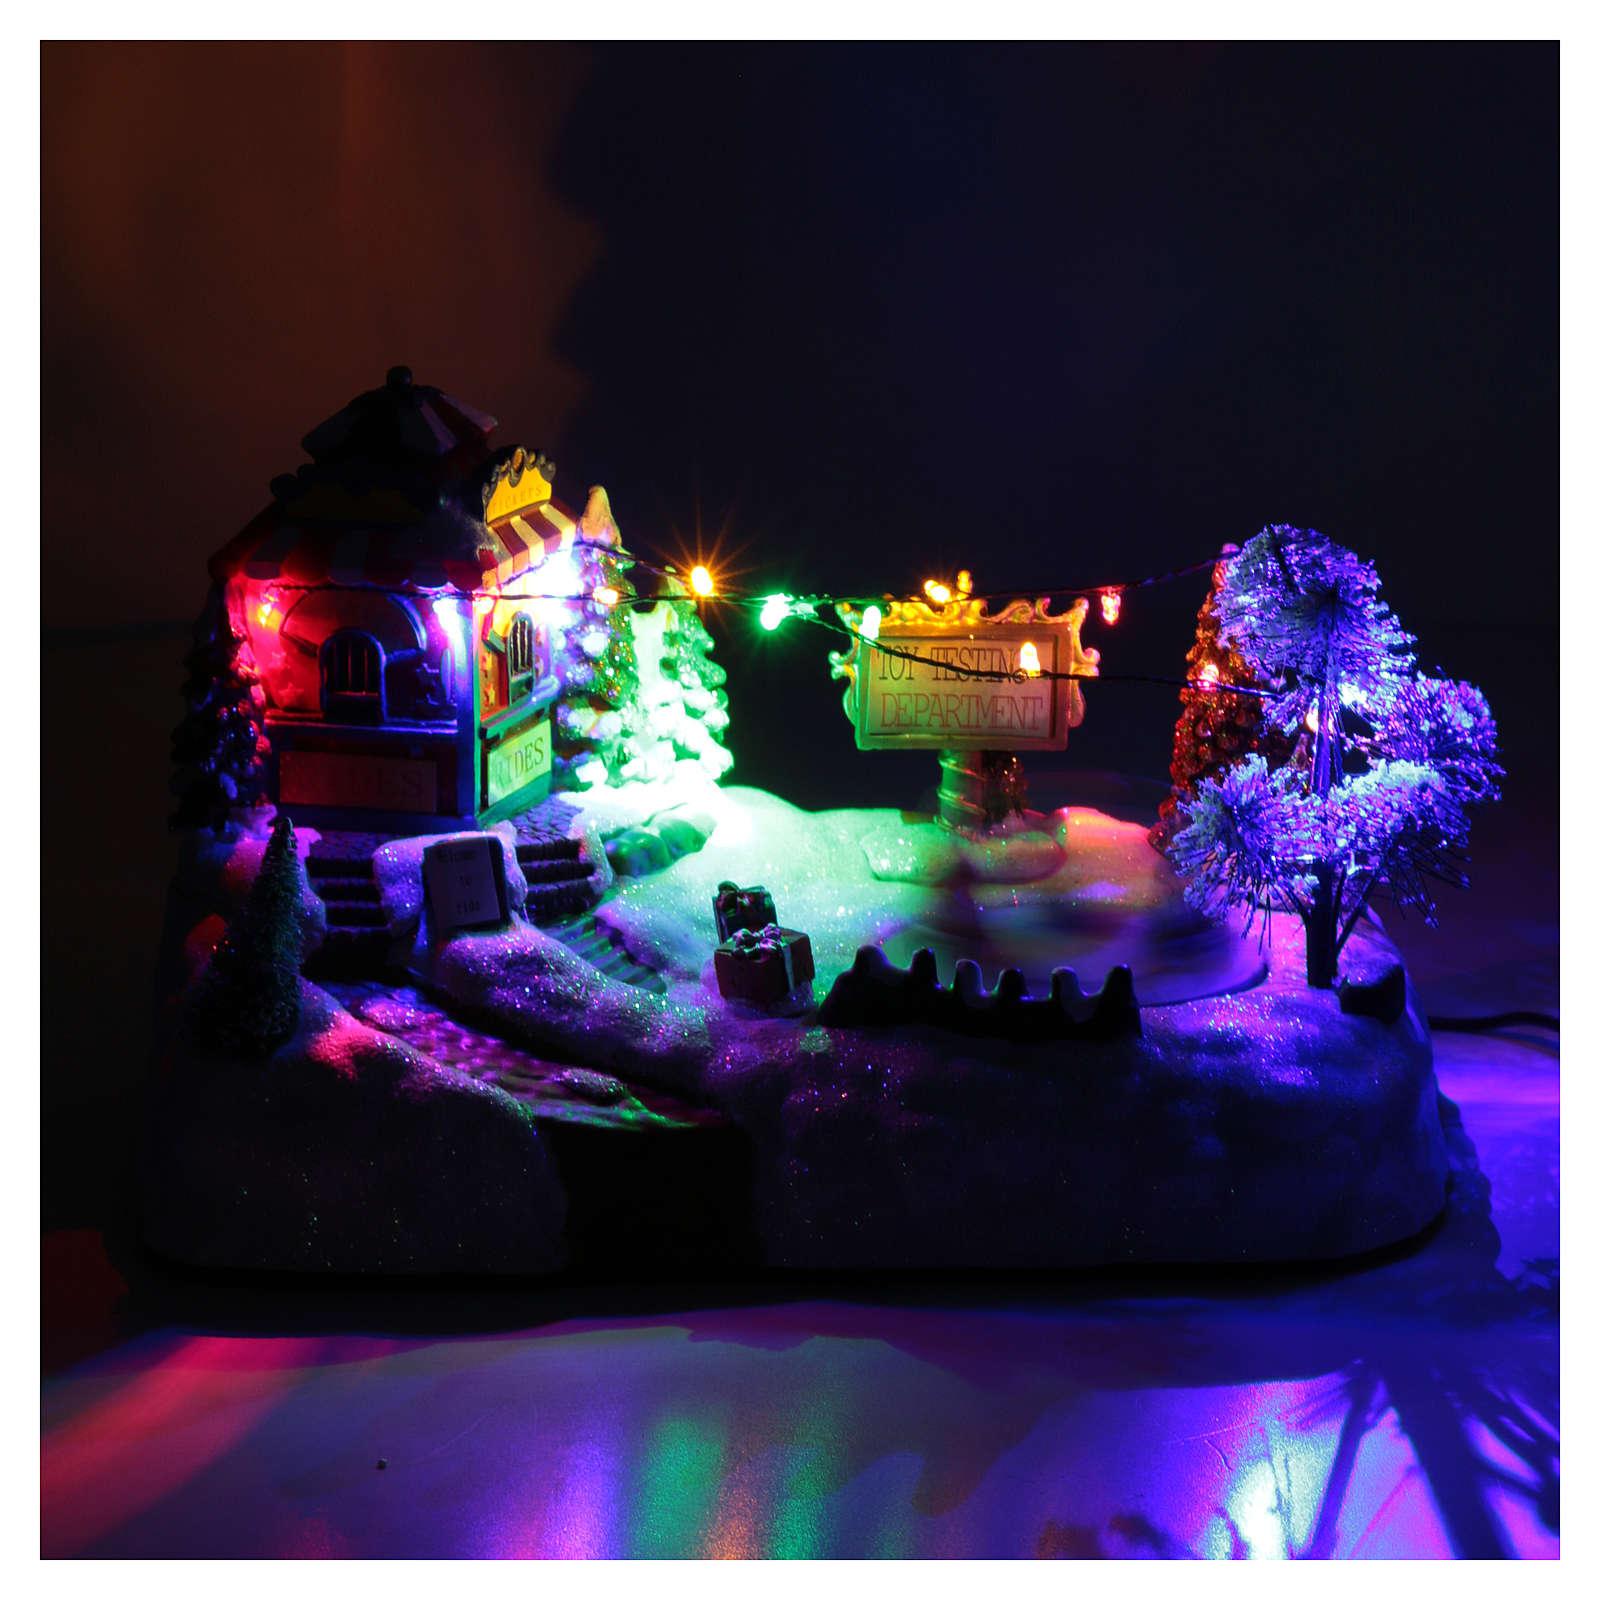 Villaggio natalizio parco giochi movimento led musica 20x25x15 cm 3